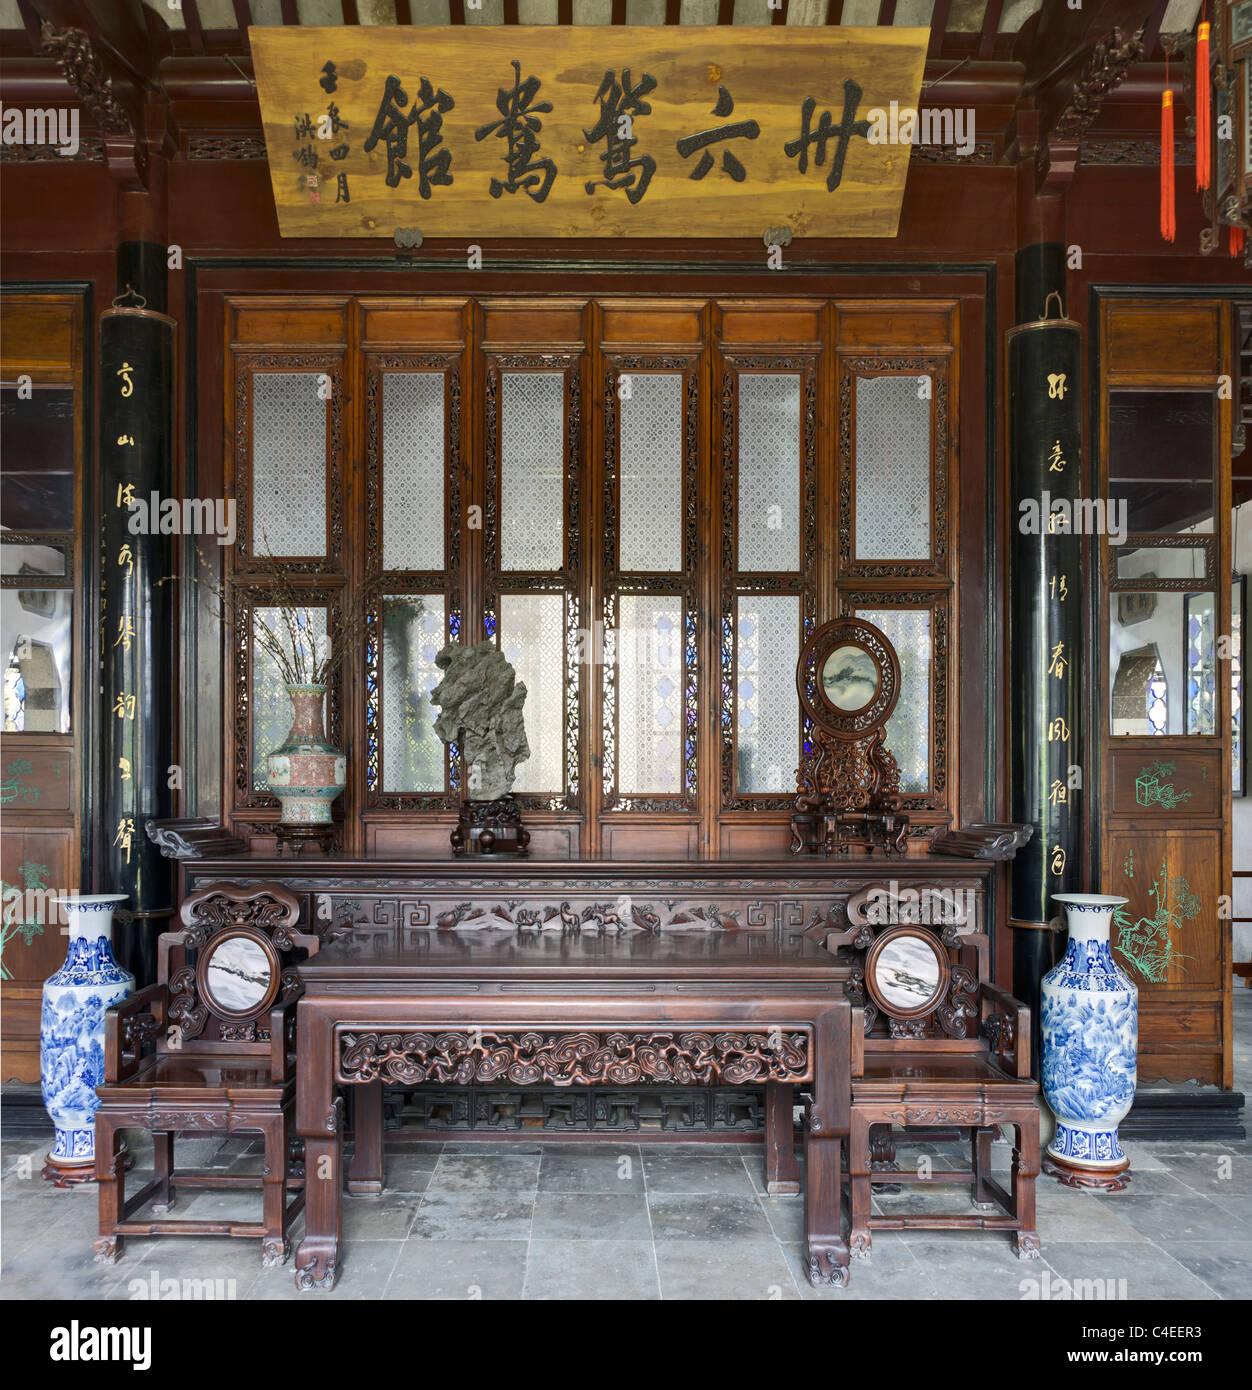 Salón de treinta y seis pares de patos del mandarín en el Jardín del Administrador Humilde (Zhuozheng Imagen De Stock